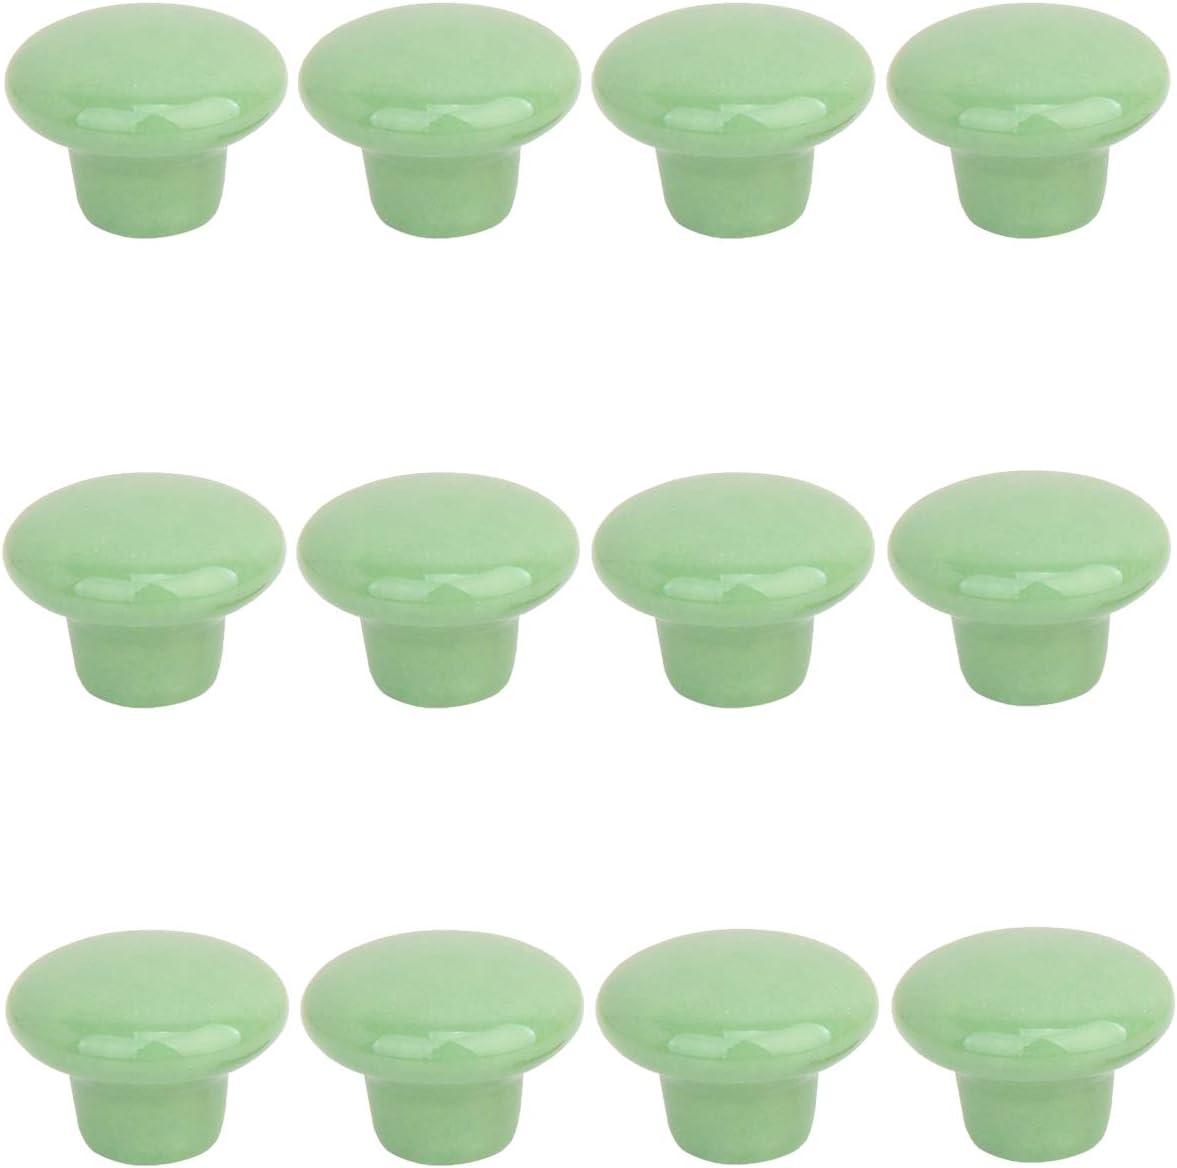 Creatwls- 12pcs Redondo Cerámica Color Sólido Tire De Asas Para Muebles De Cocina Cajones Pomos Para Puerta (Verde)